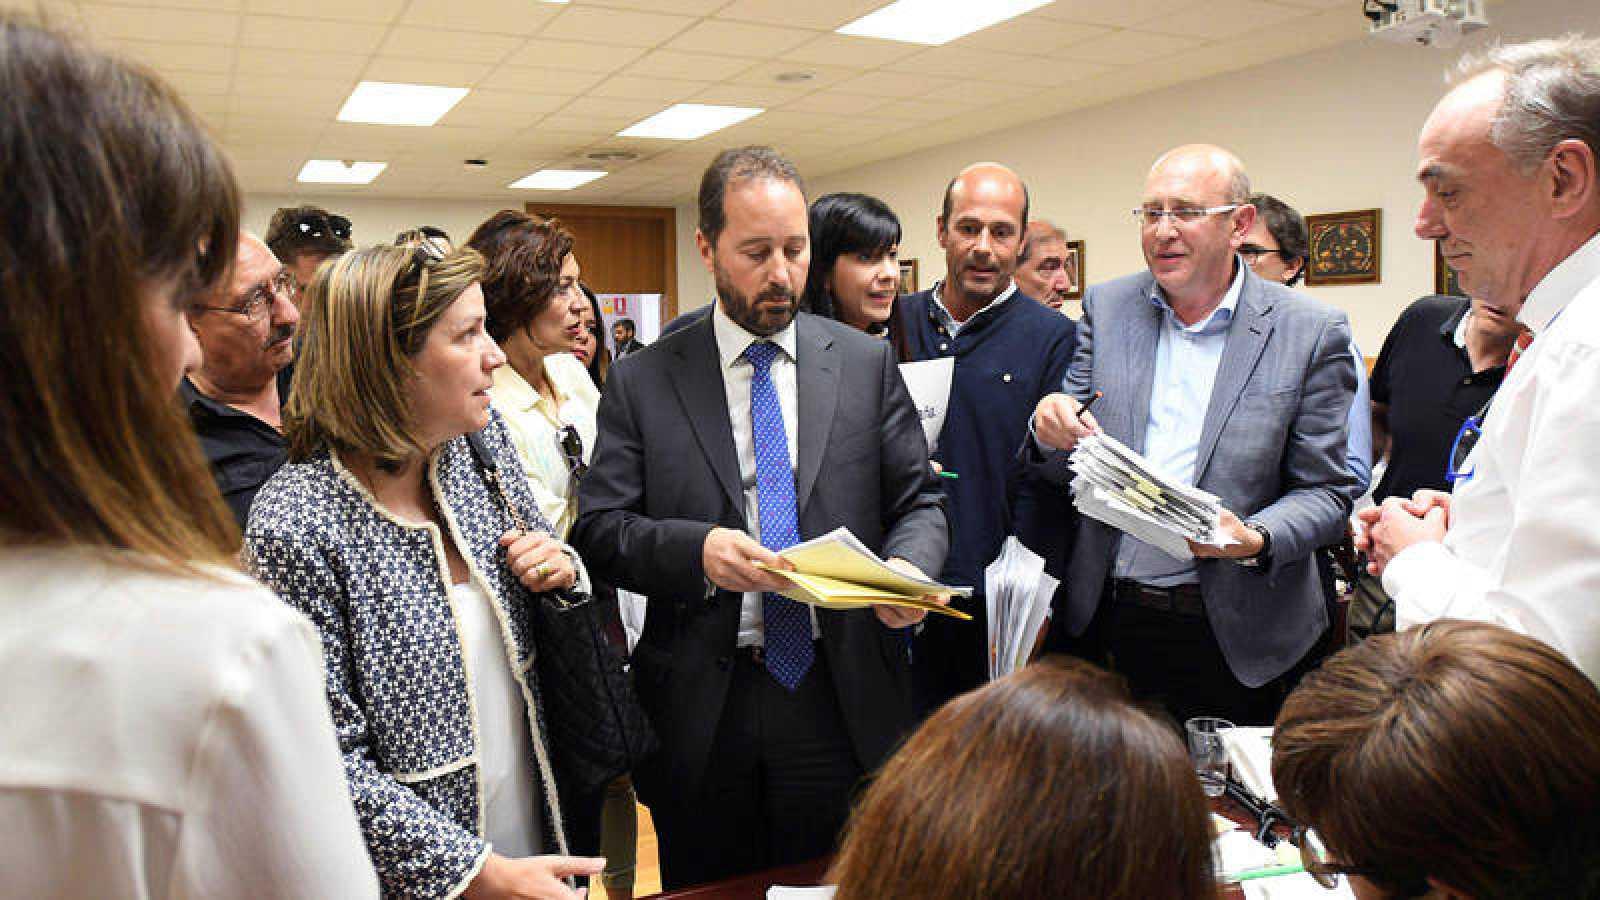 Recuentooficial realizado por la Junta Electoral de las elecciones municipales de León, el pasado miércoles.